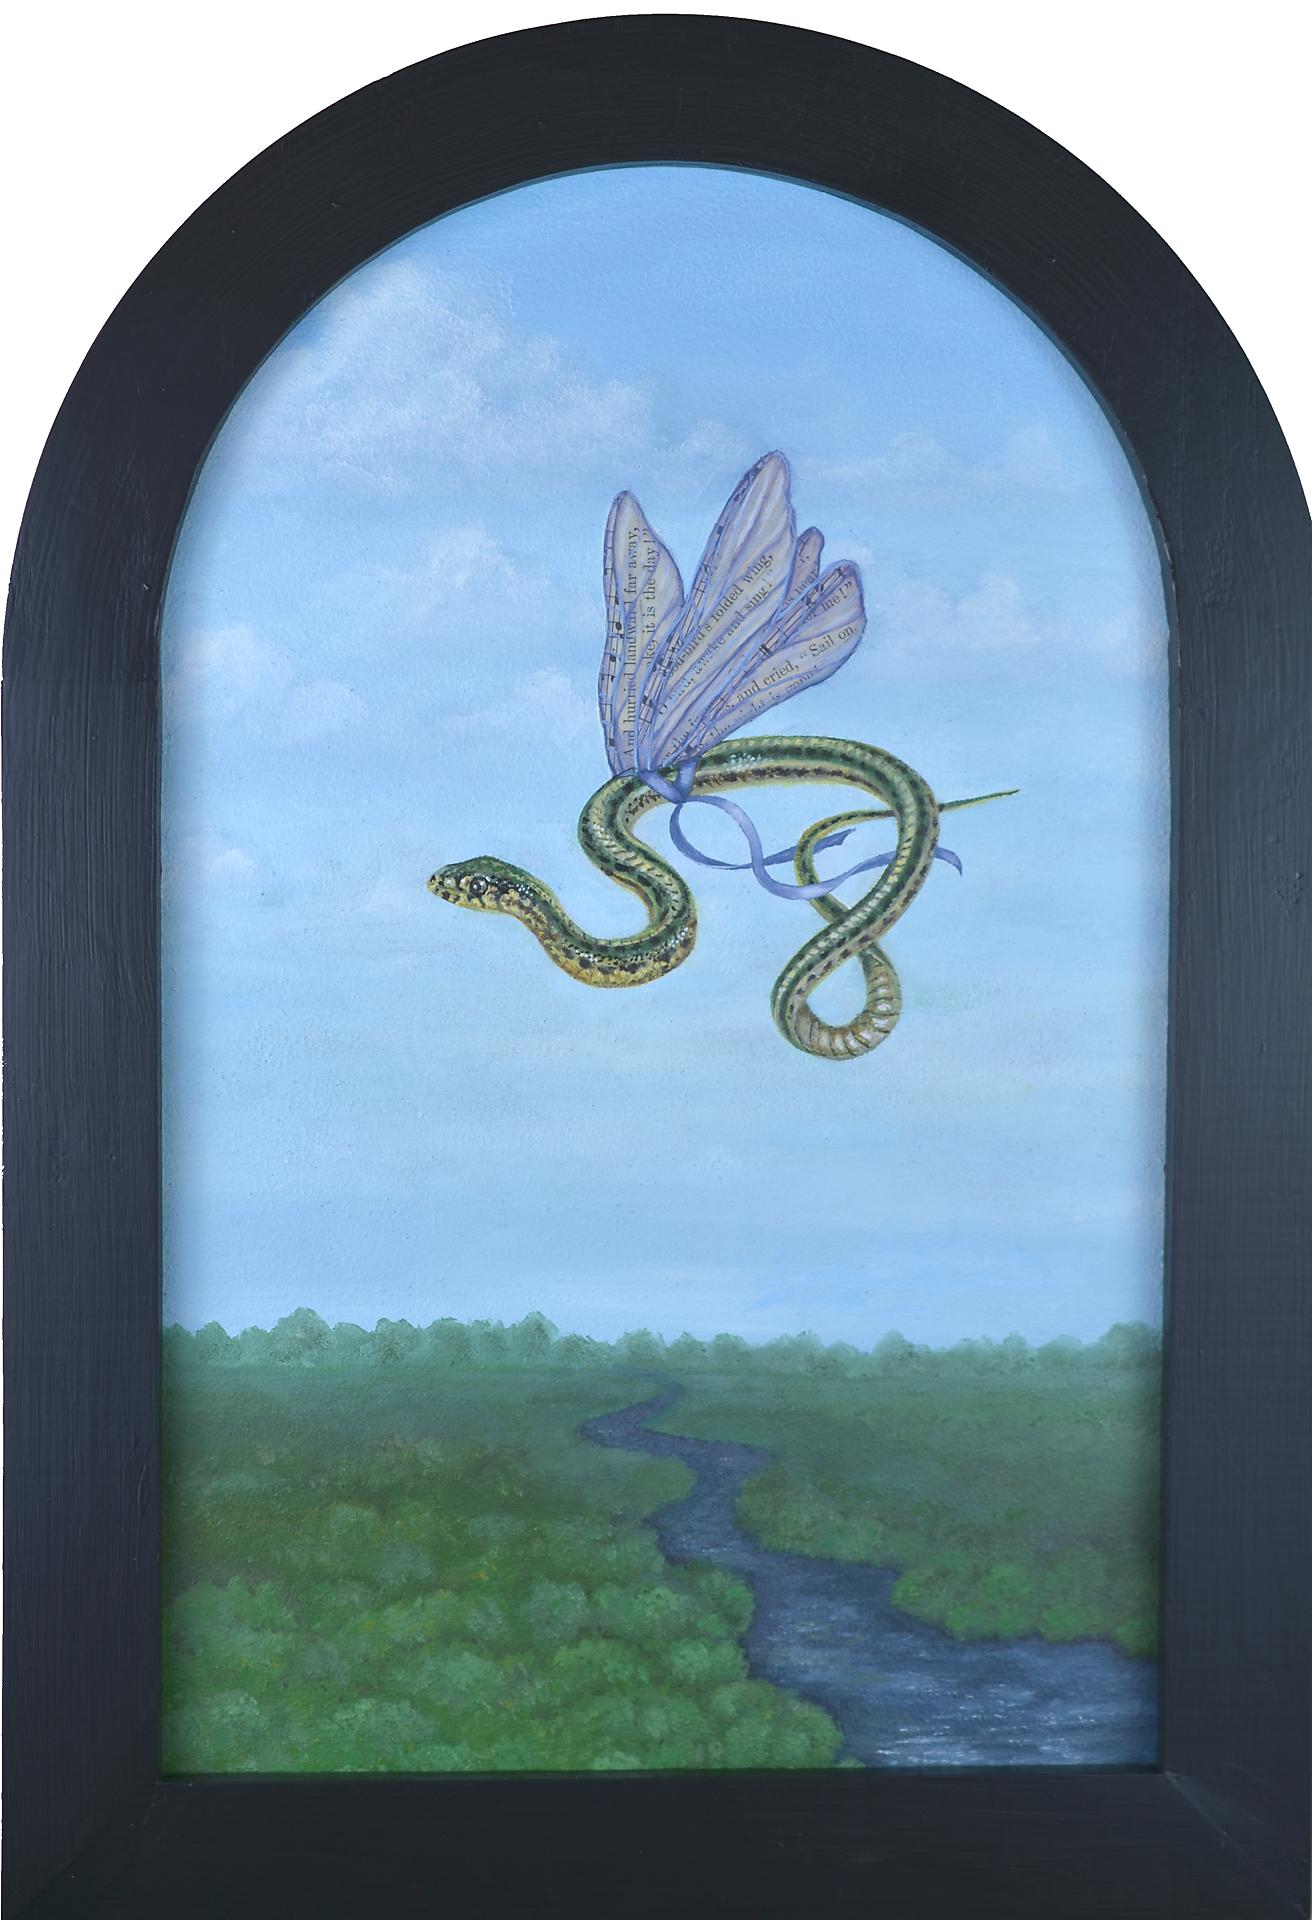 Flights of Fancy- Garter Snake